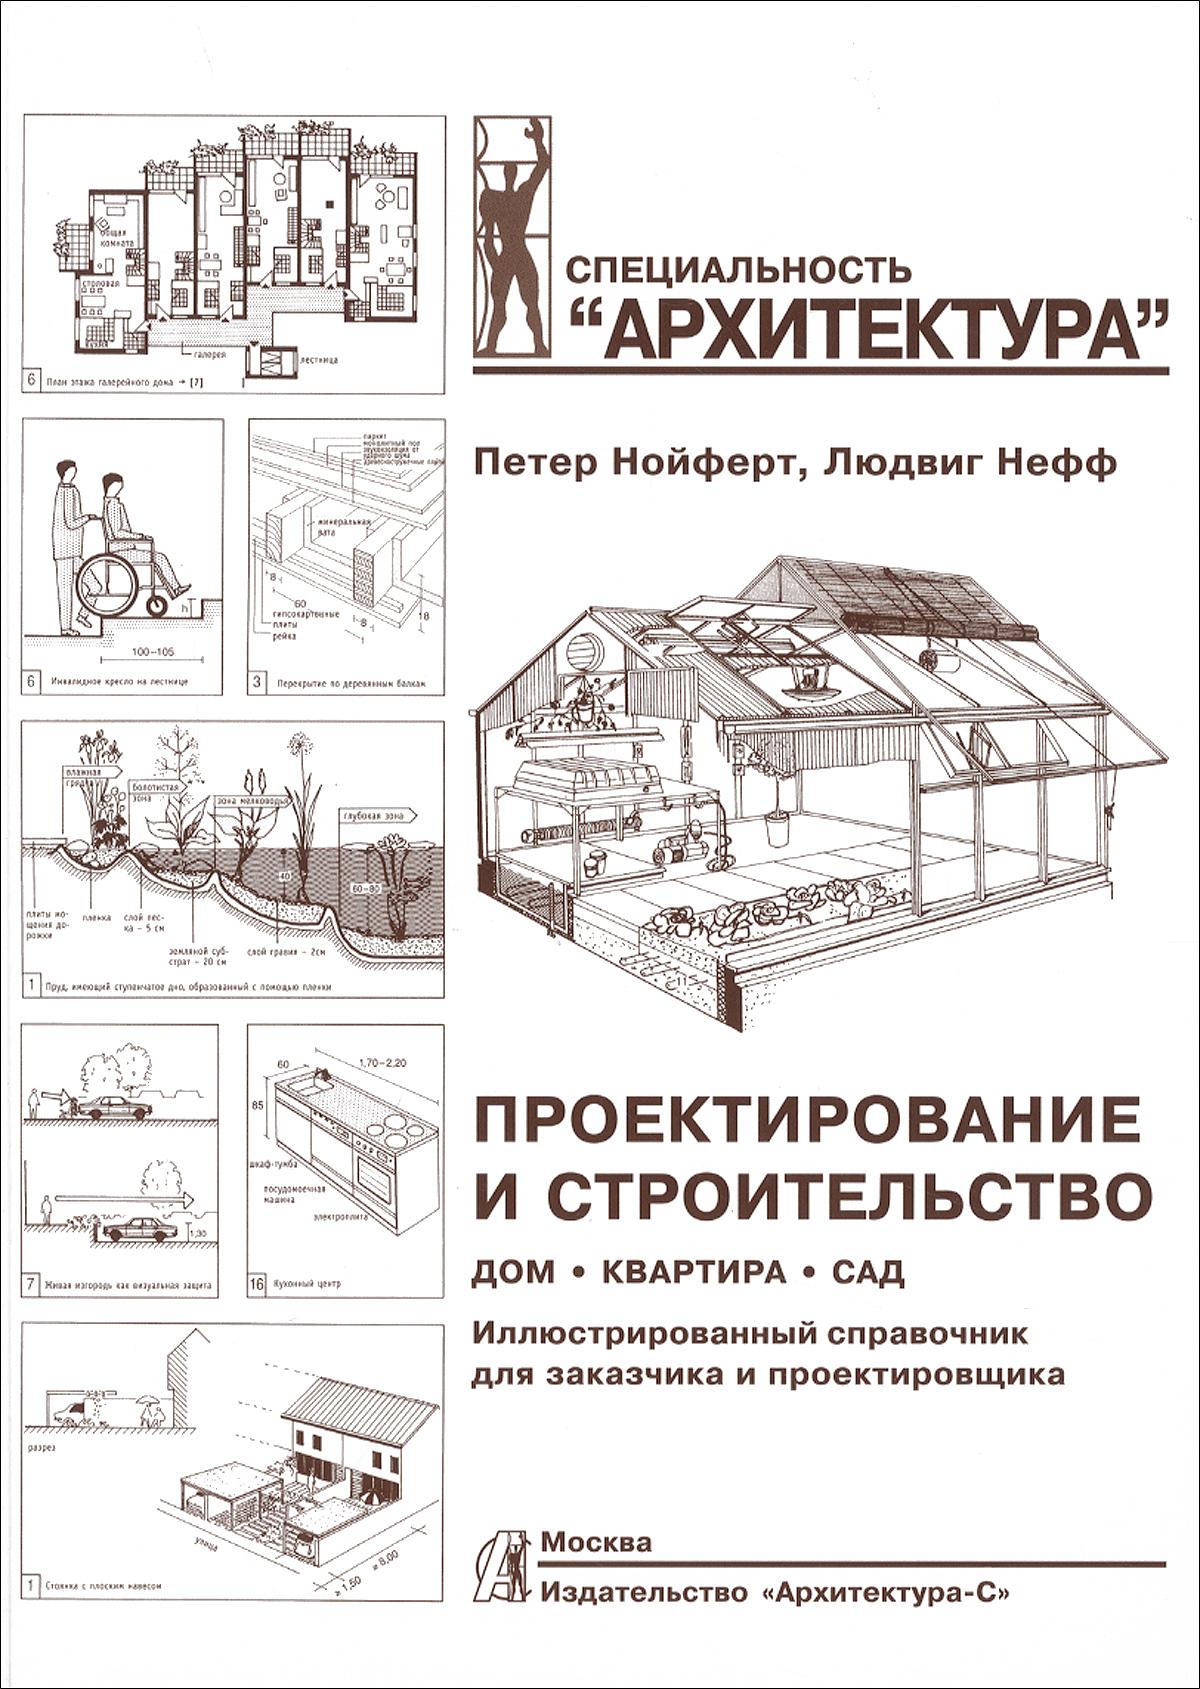 Проектирование и строительство. Дом, квартира, сад